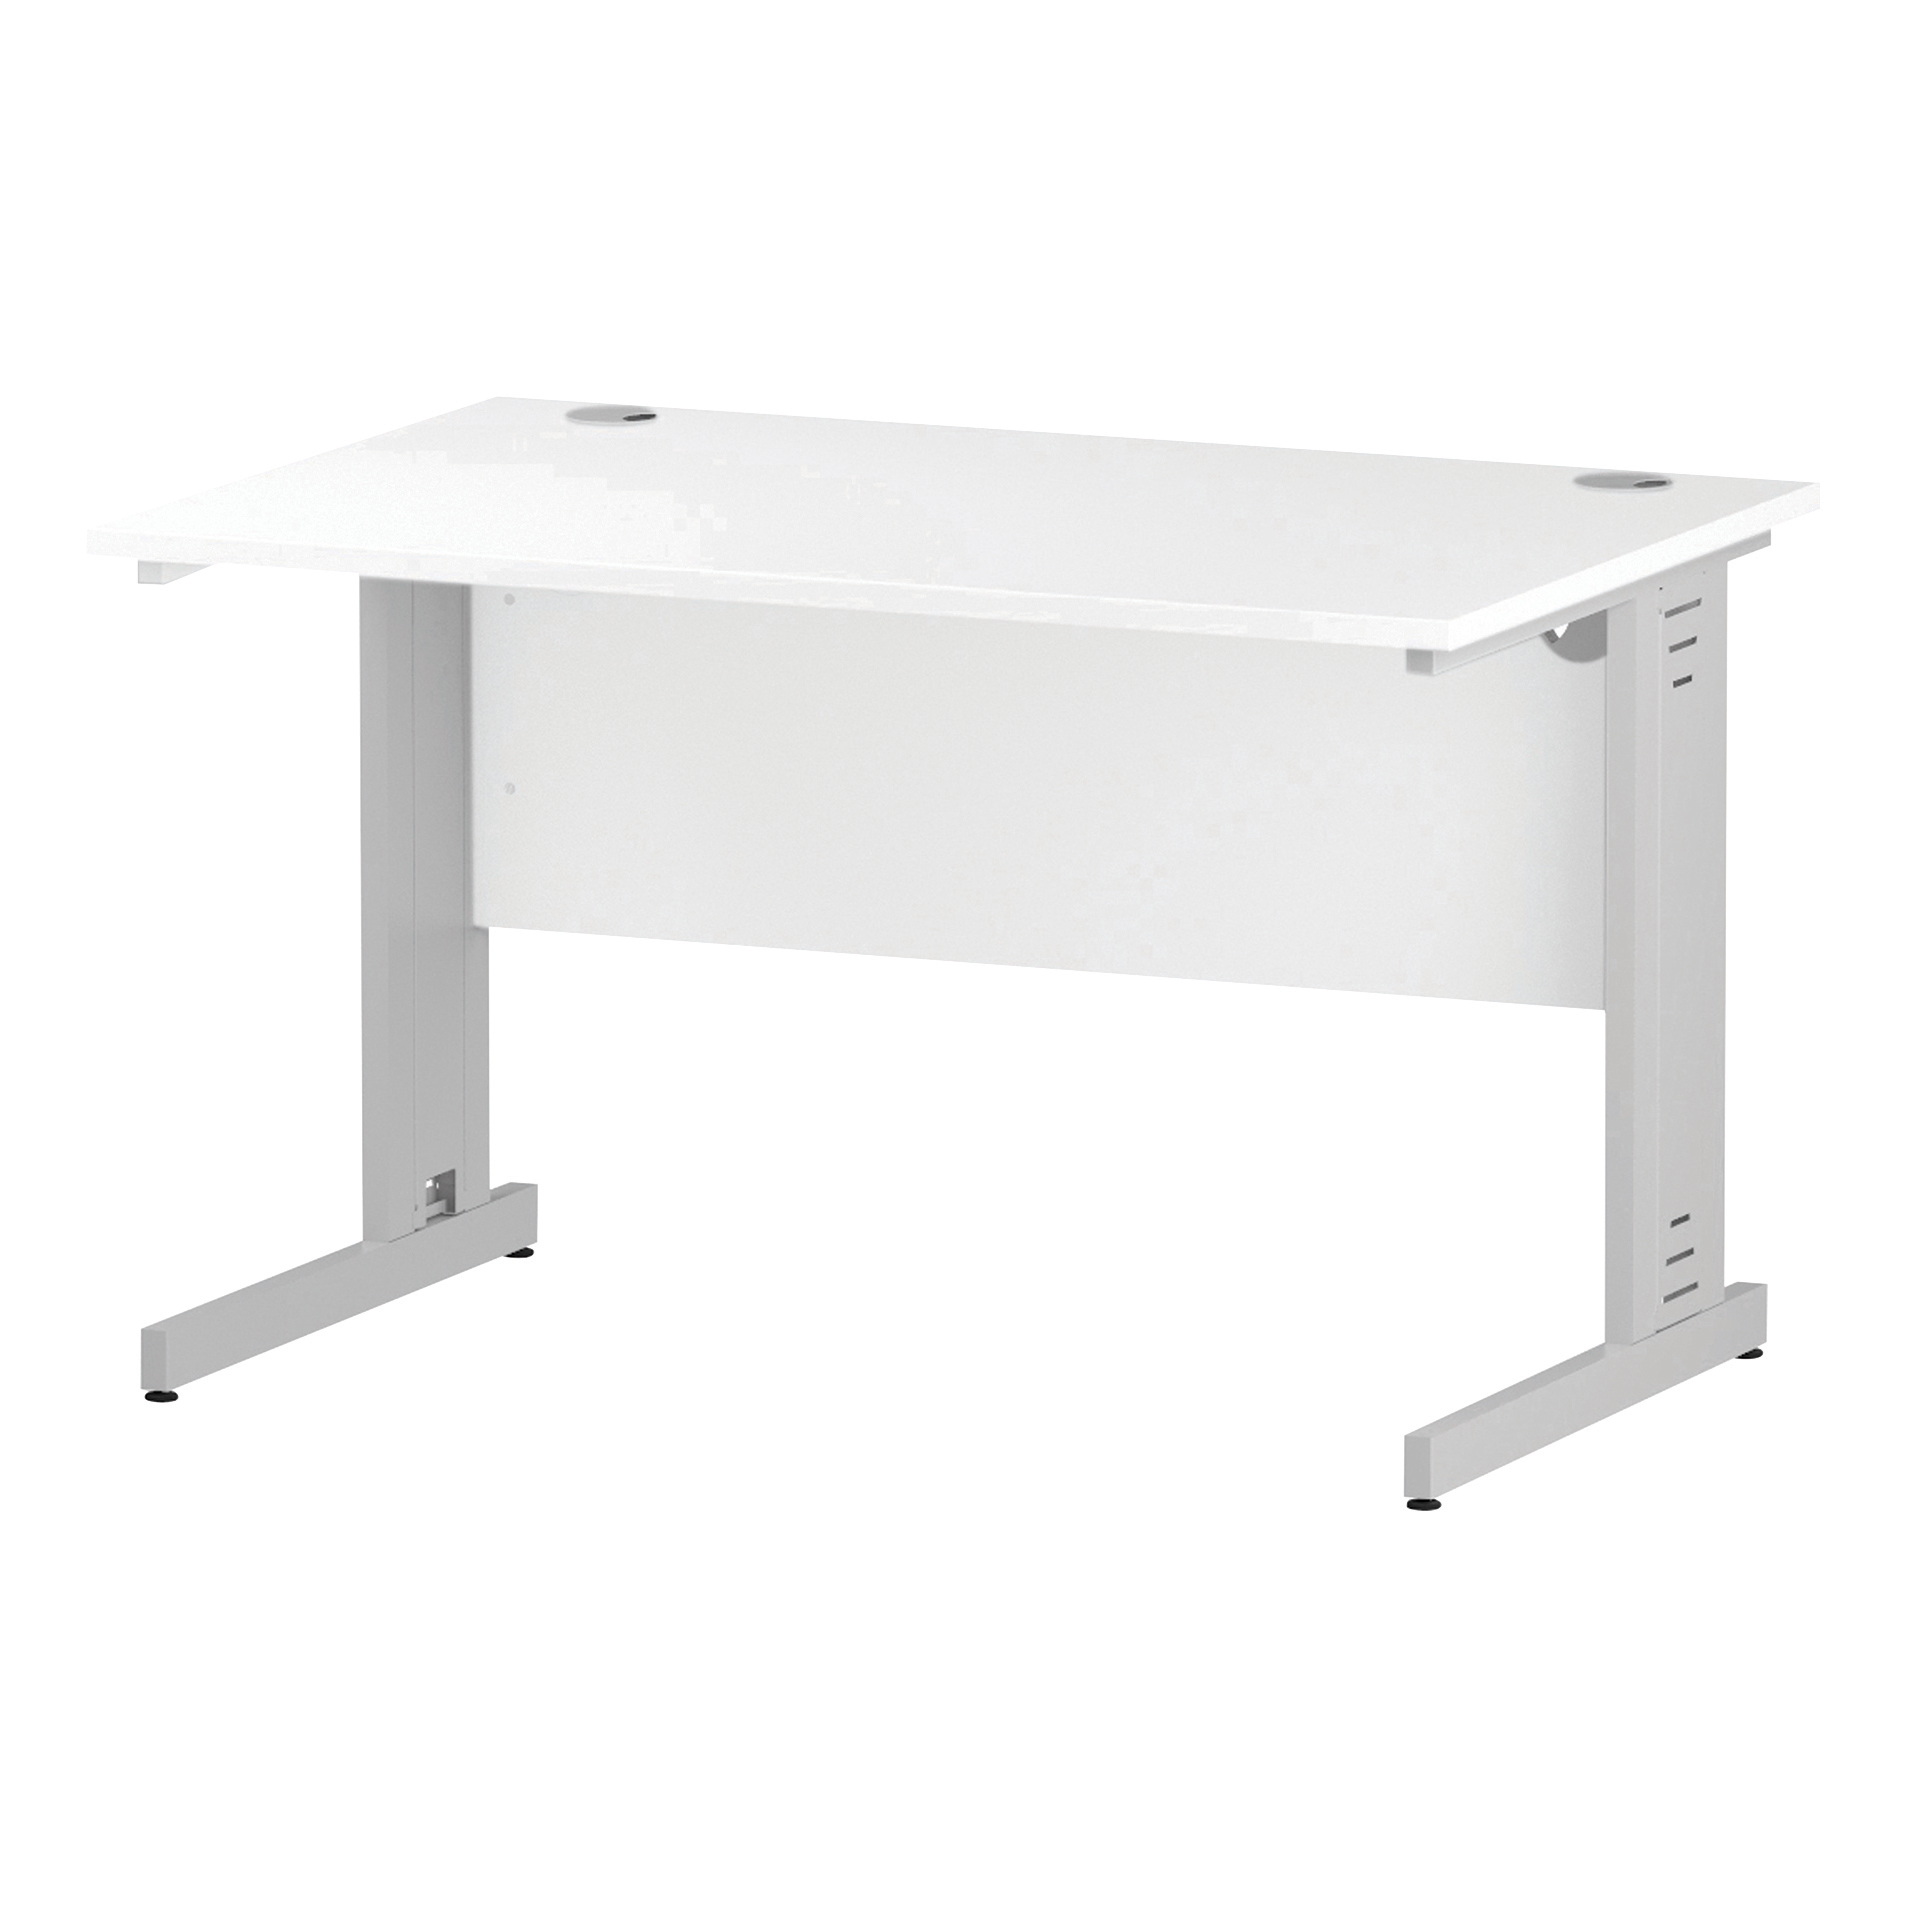 Trexus Rectangular Desk White Cable Managed Leg 1200x800mm White Ref I002271